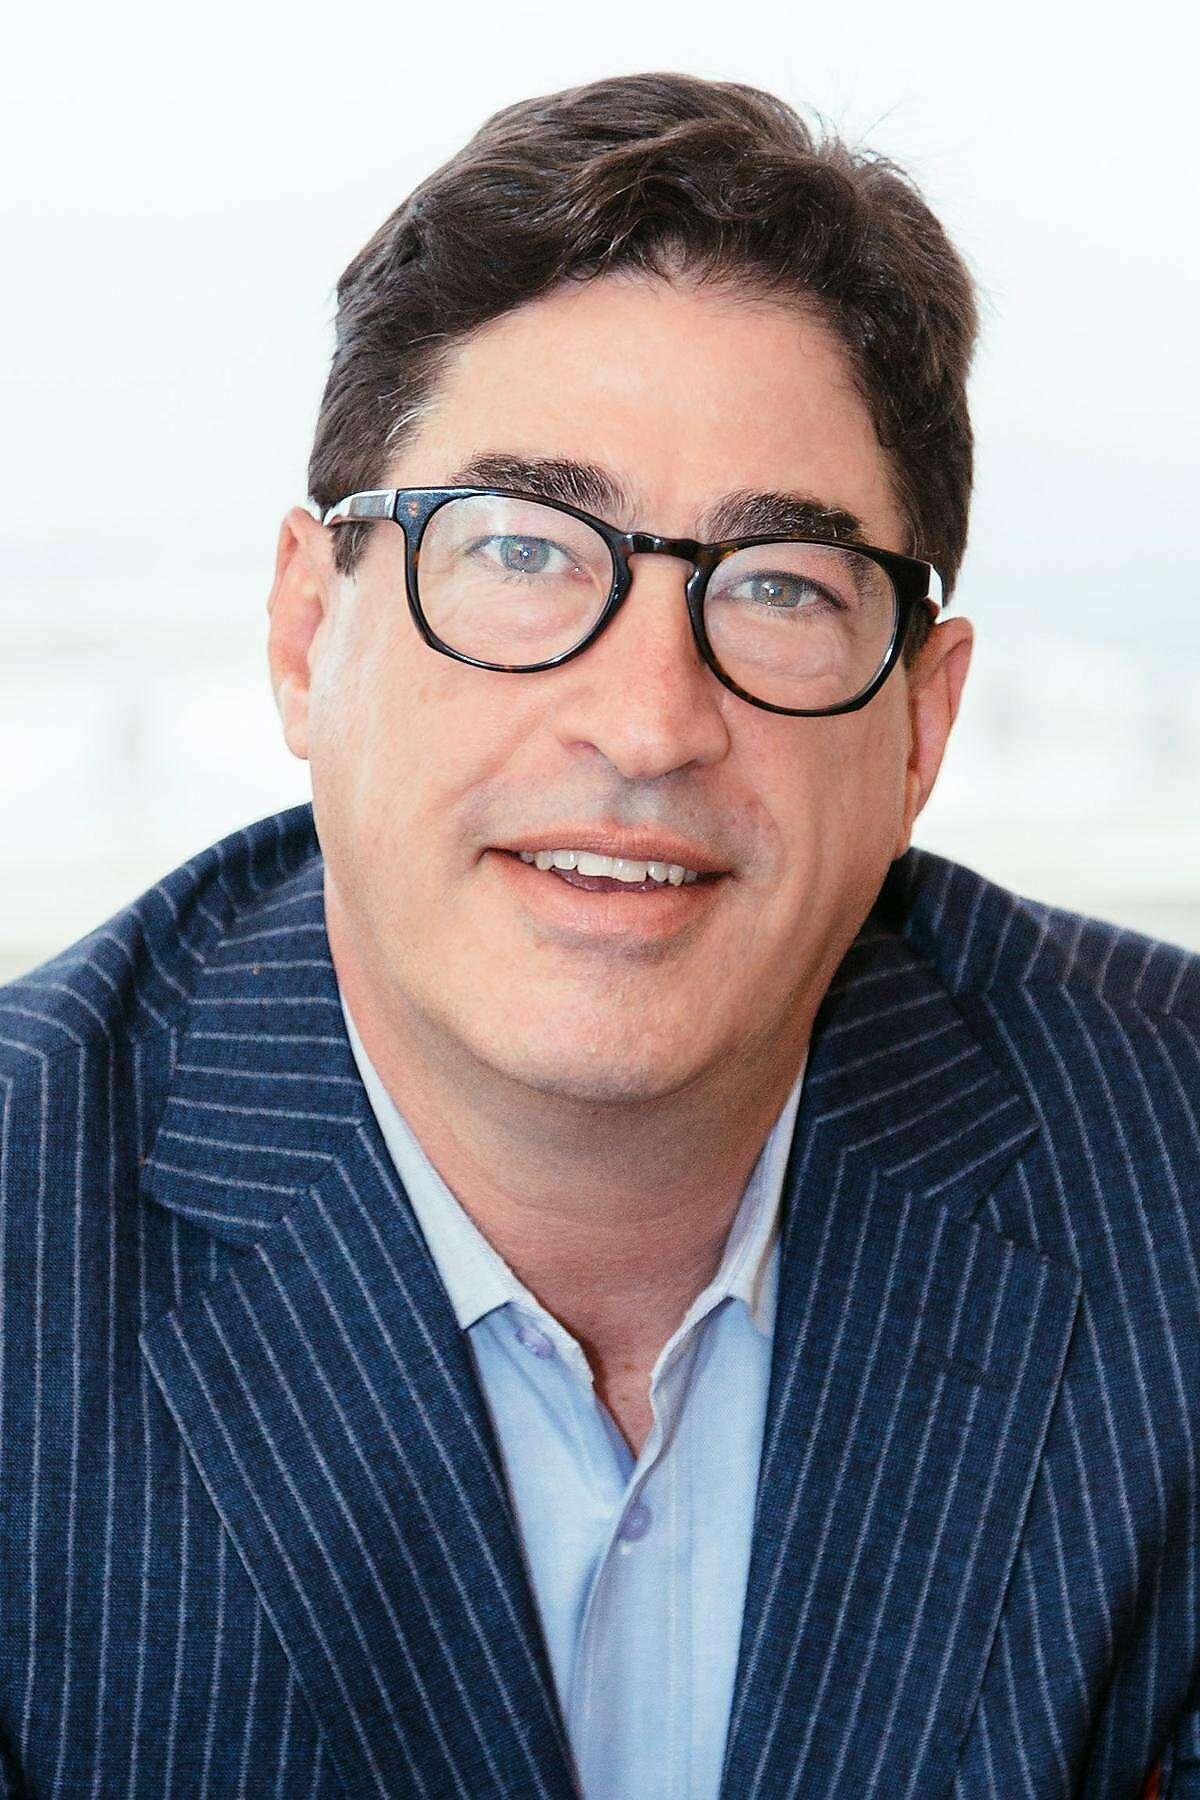 Adam Gavzer